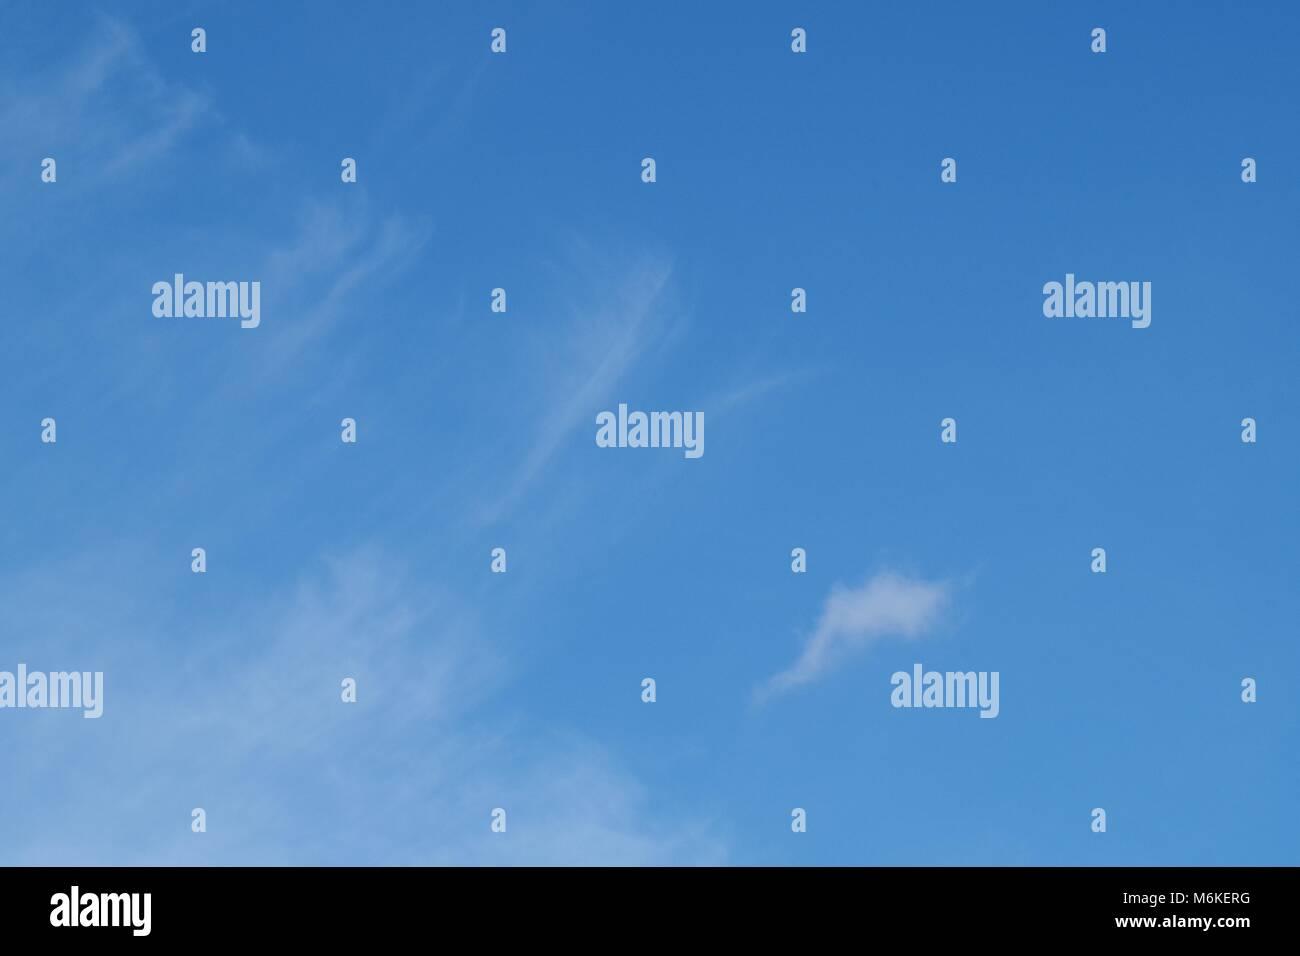 Cumulus Humilis Cloud, Fluffy, White Fair Weather Cloud against a Blue Sky. Topsham, Exeter, Devon, UK. April, 2016. - Stock Image